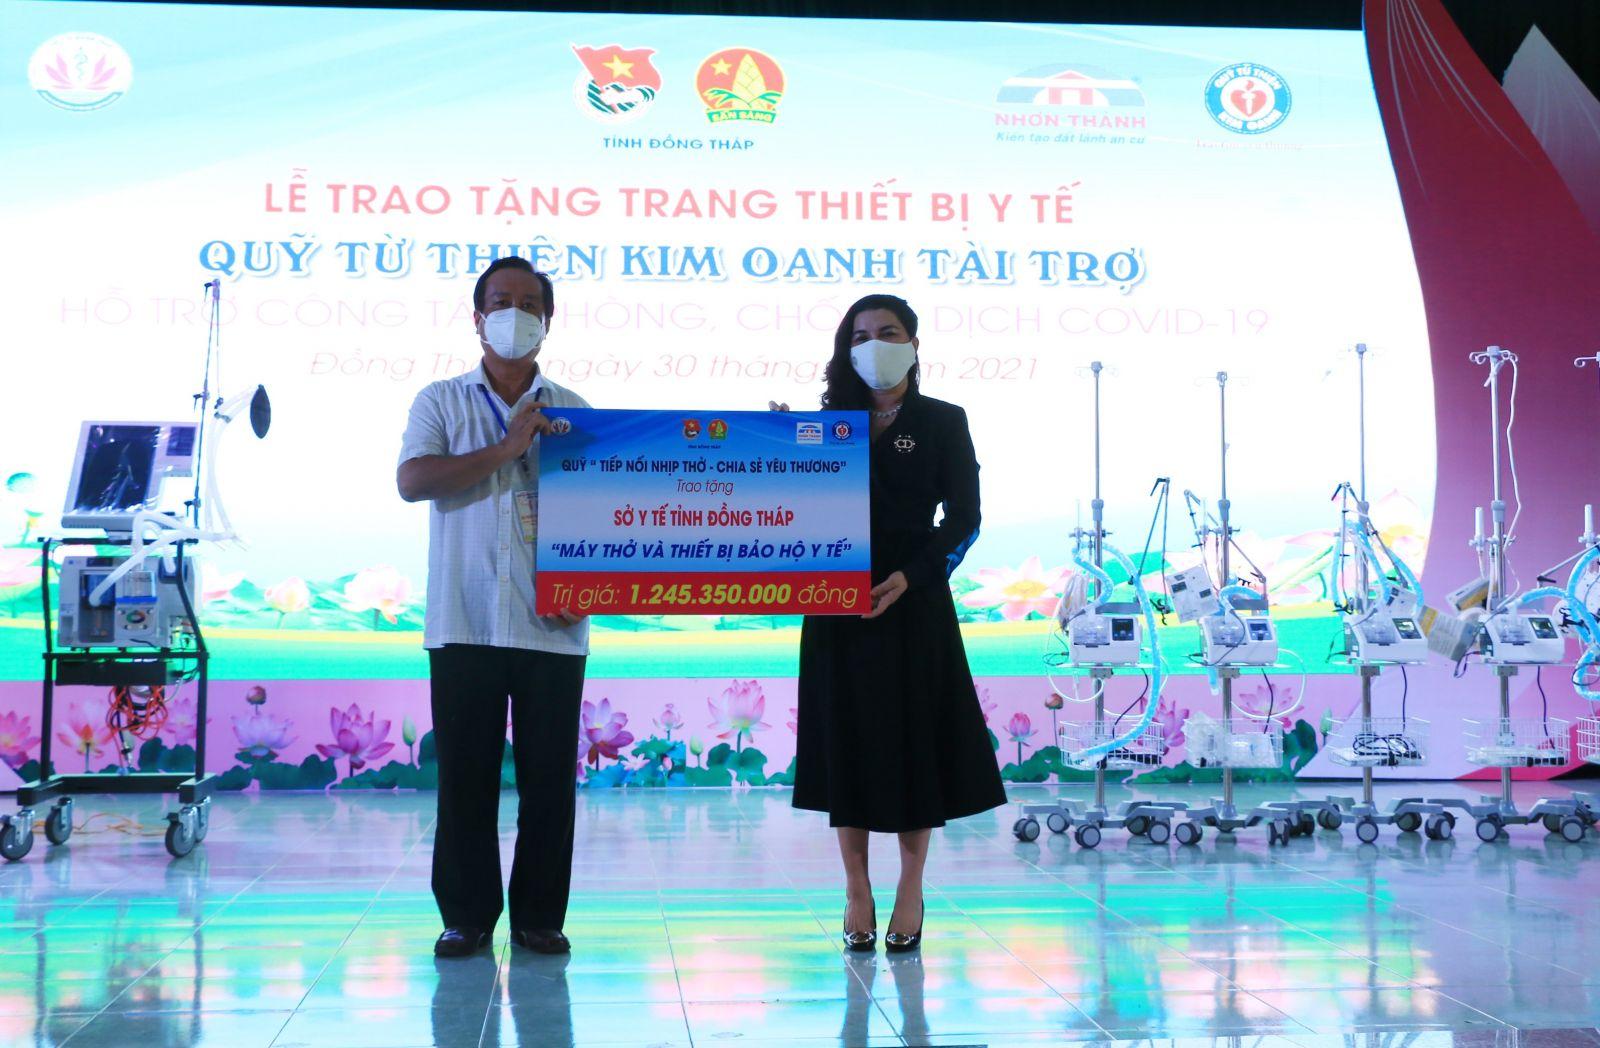 Bà Đặng Thị Kim Oanh - Chủ tịch Hội đồng quản lý Quỹ từ thiện Kim Oanh chia sẻ khó khăn, vất vả của ngành y tế và trao bảng tượng trưng cho lãnh đạo UBND tỉnh Đồng Tháp